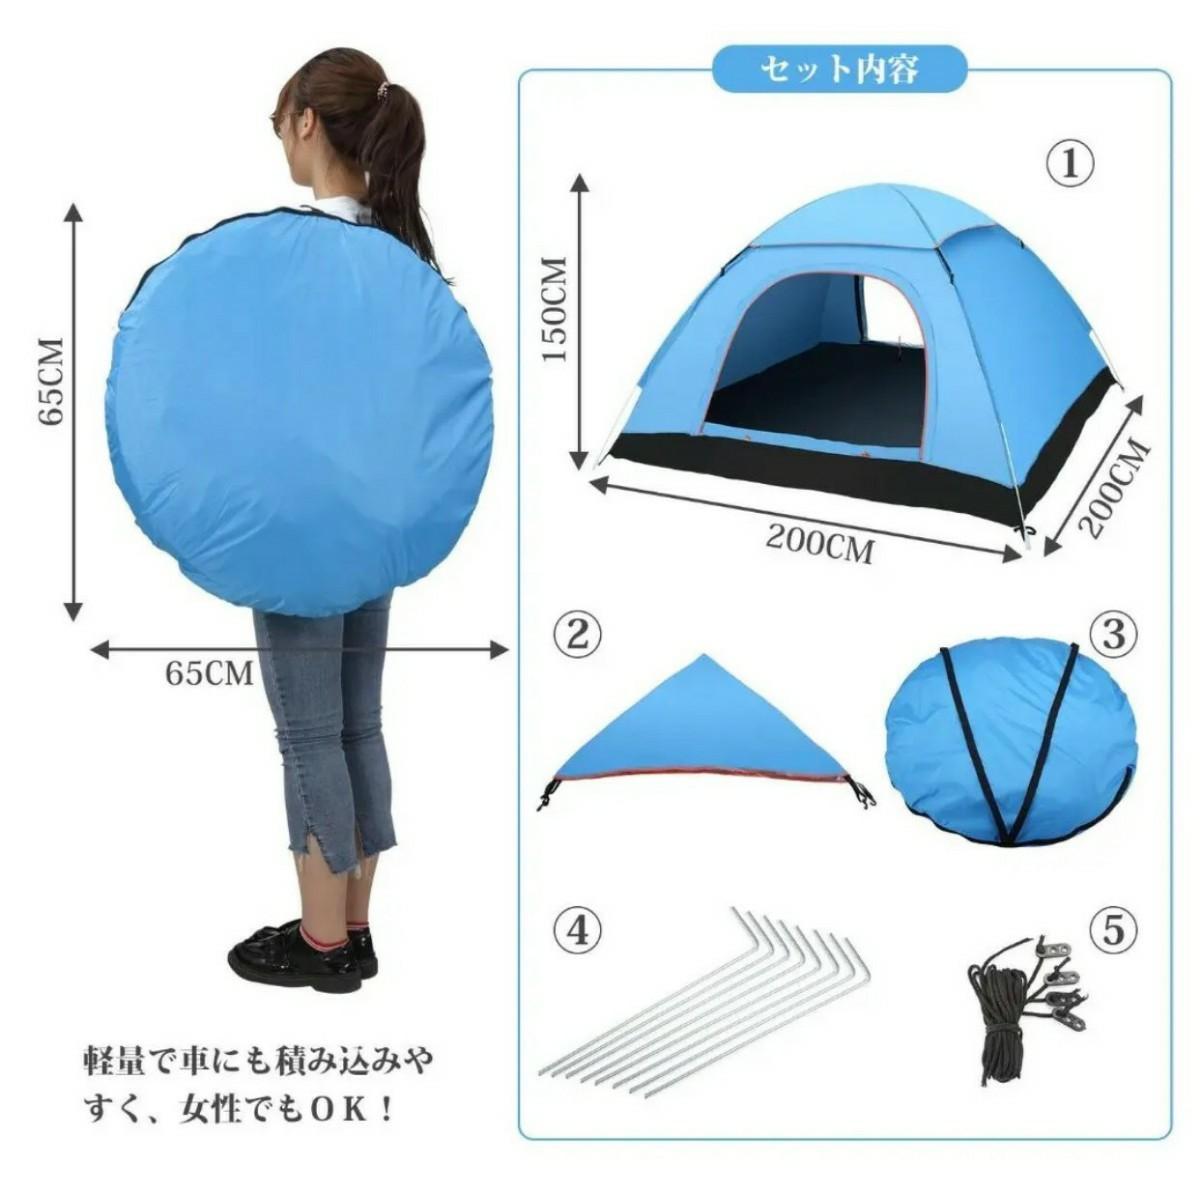 人気 簡単組立 ワンタッチテント 3-4人用 アウトドア キャンプ 新品